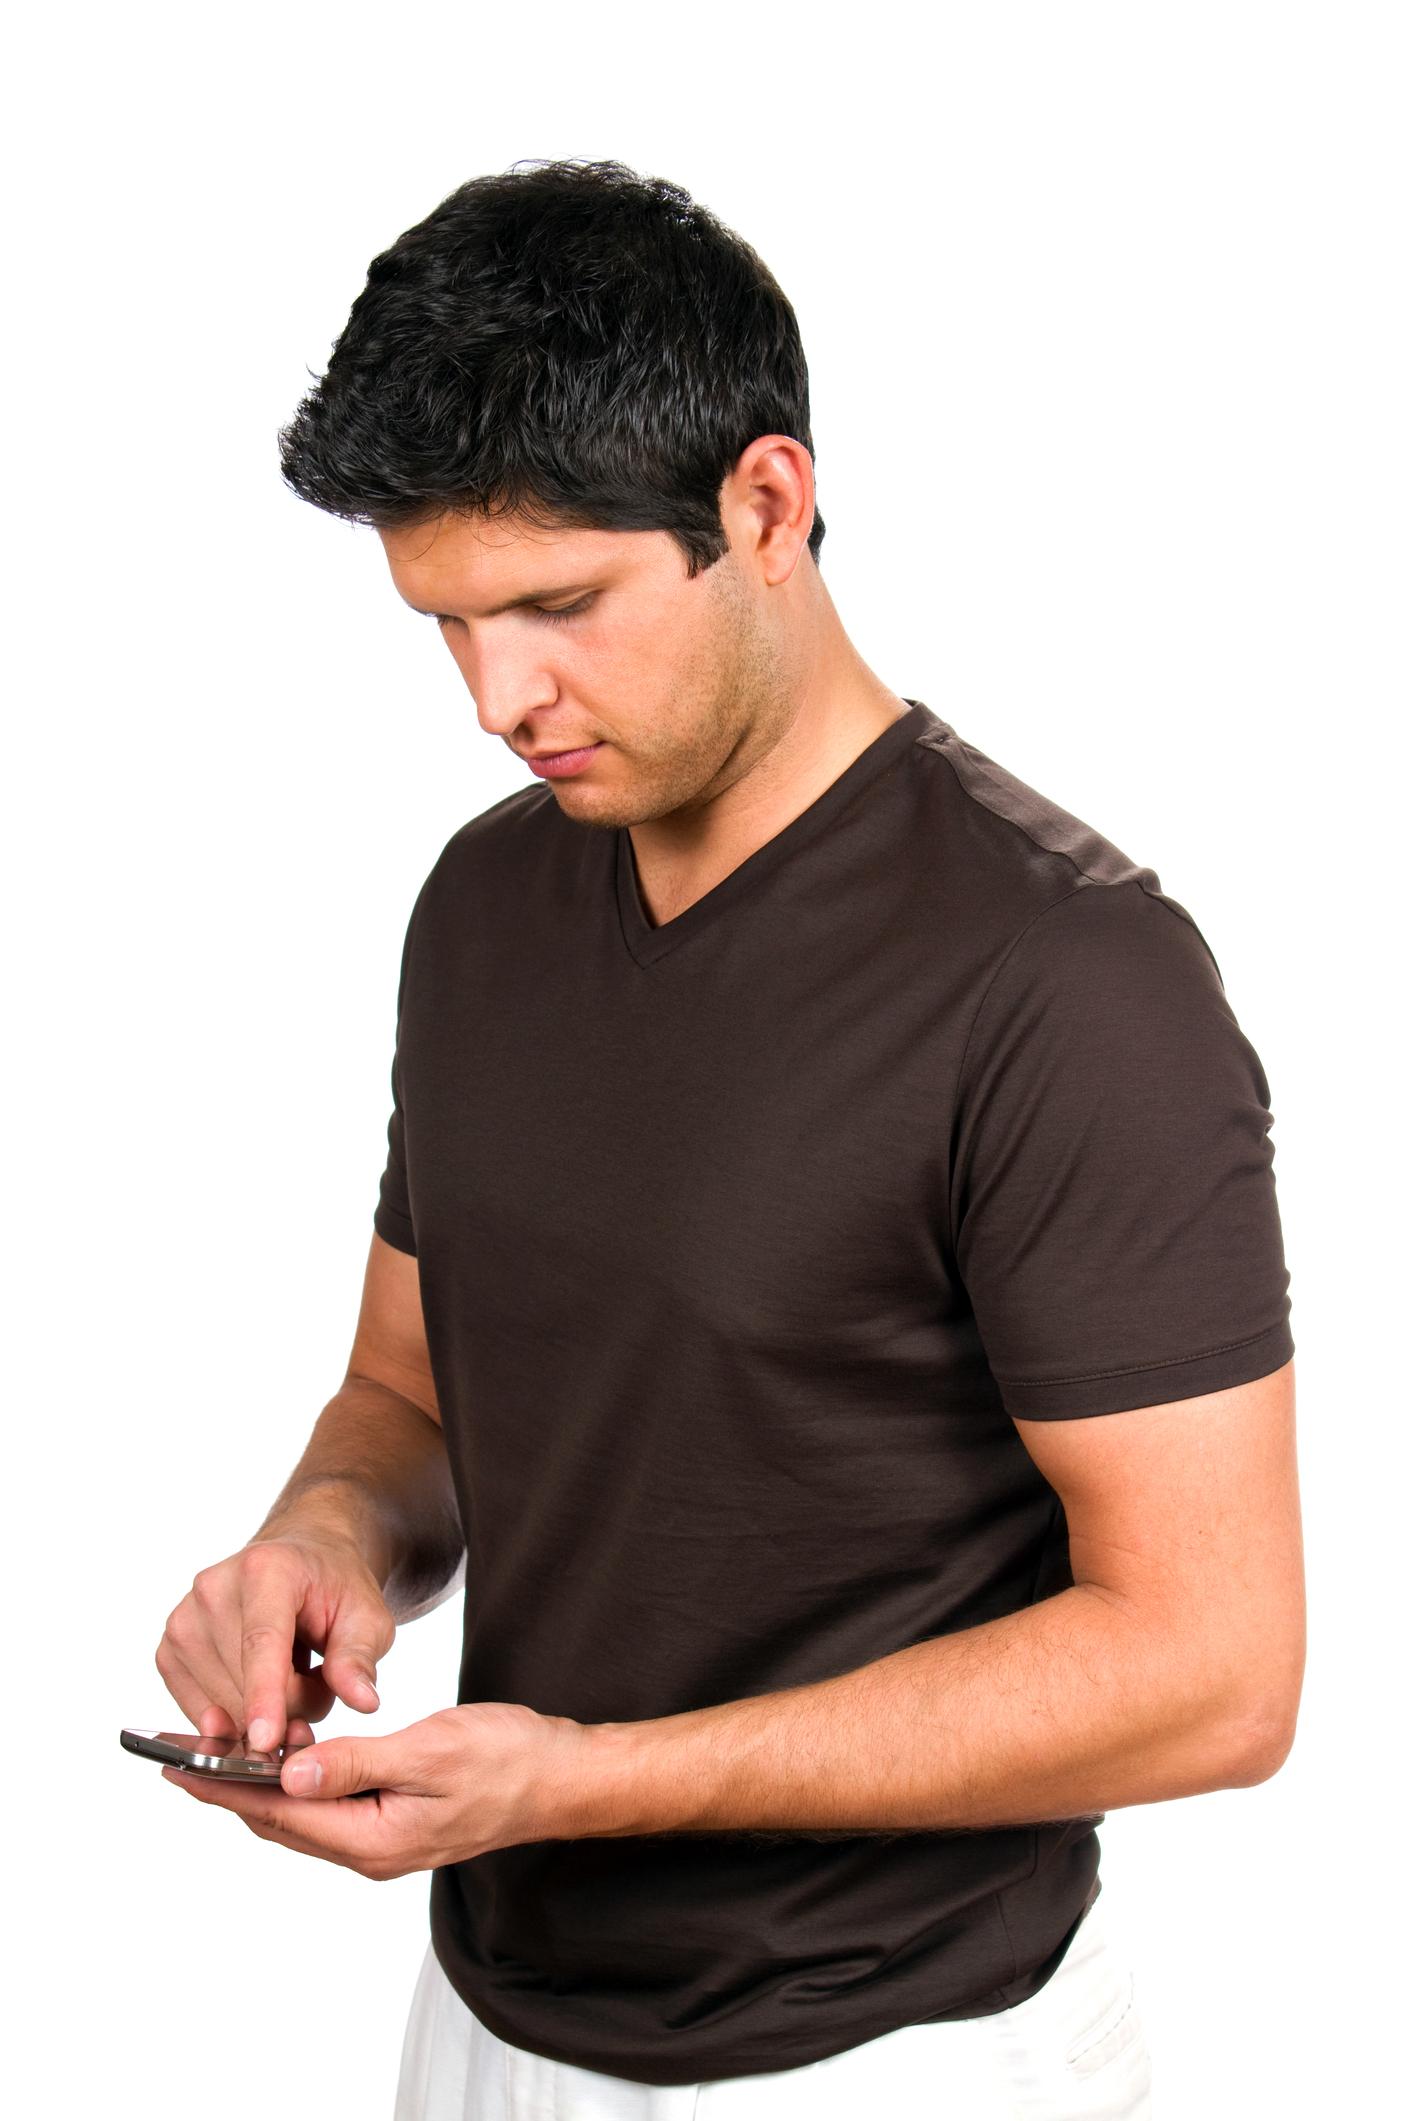 Mann som bøyer hodet og taster på mobilen